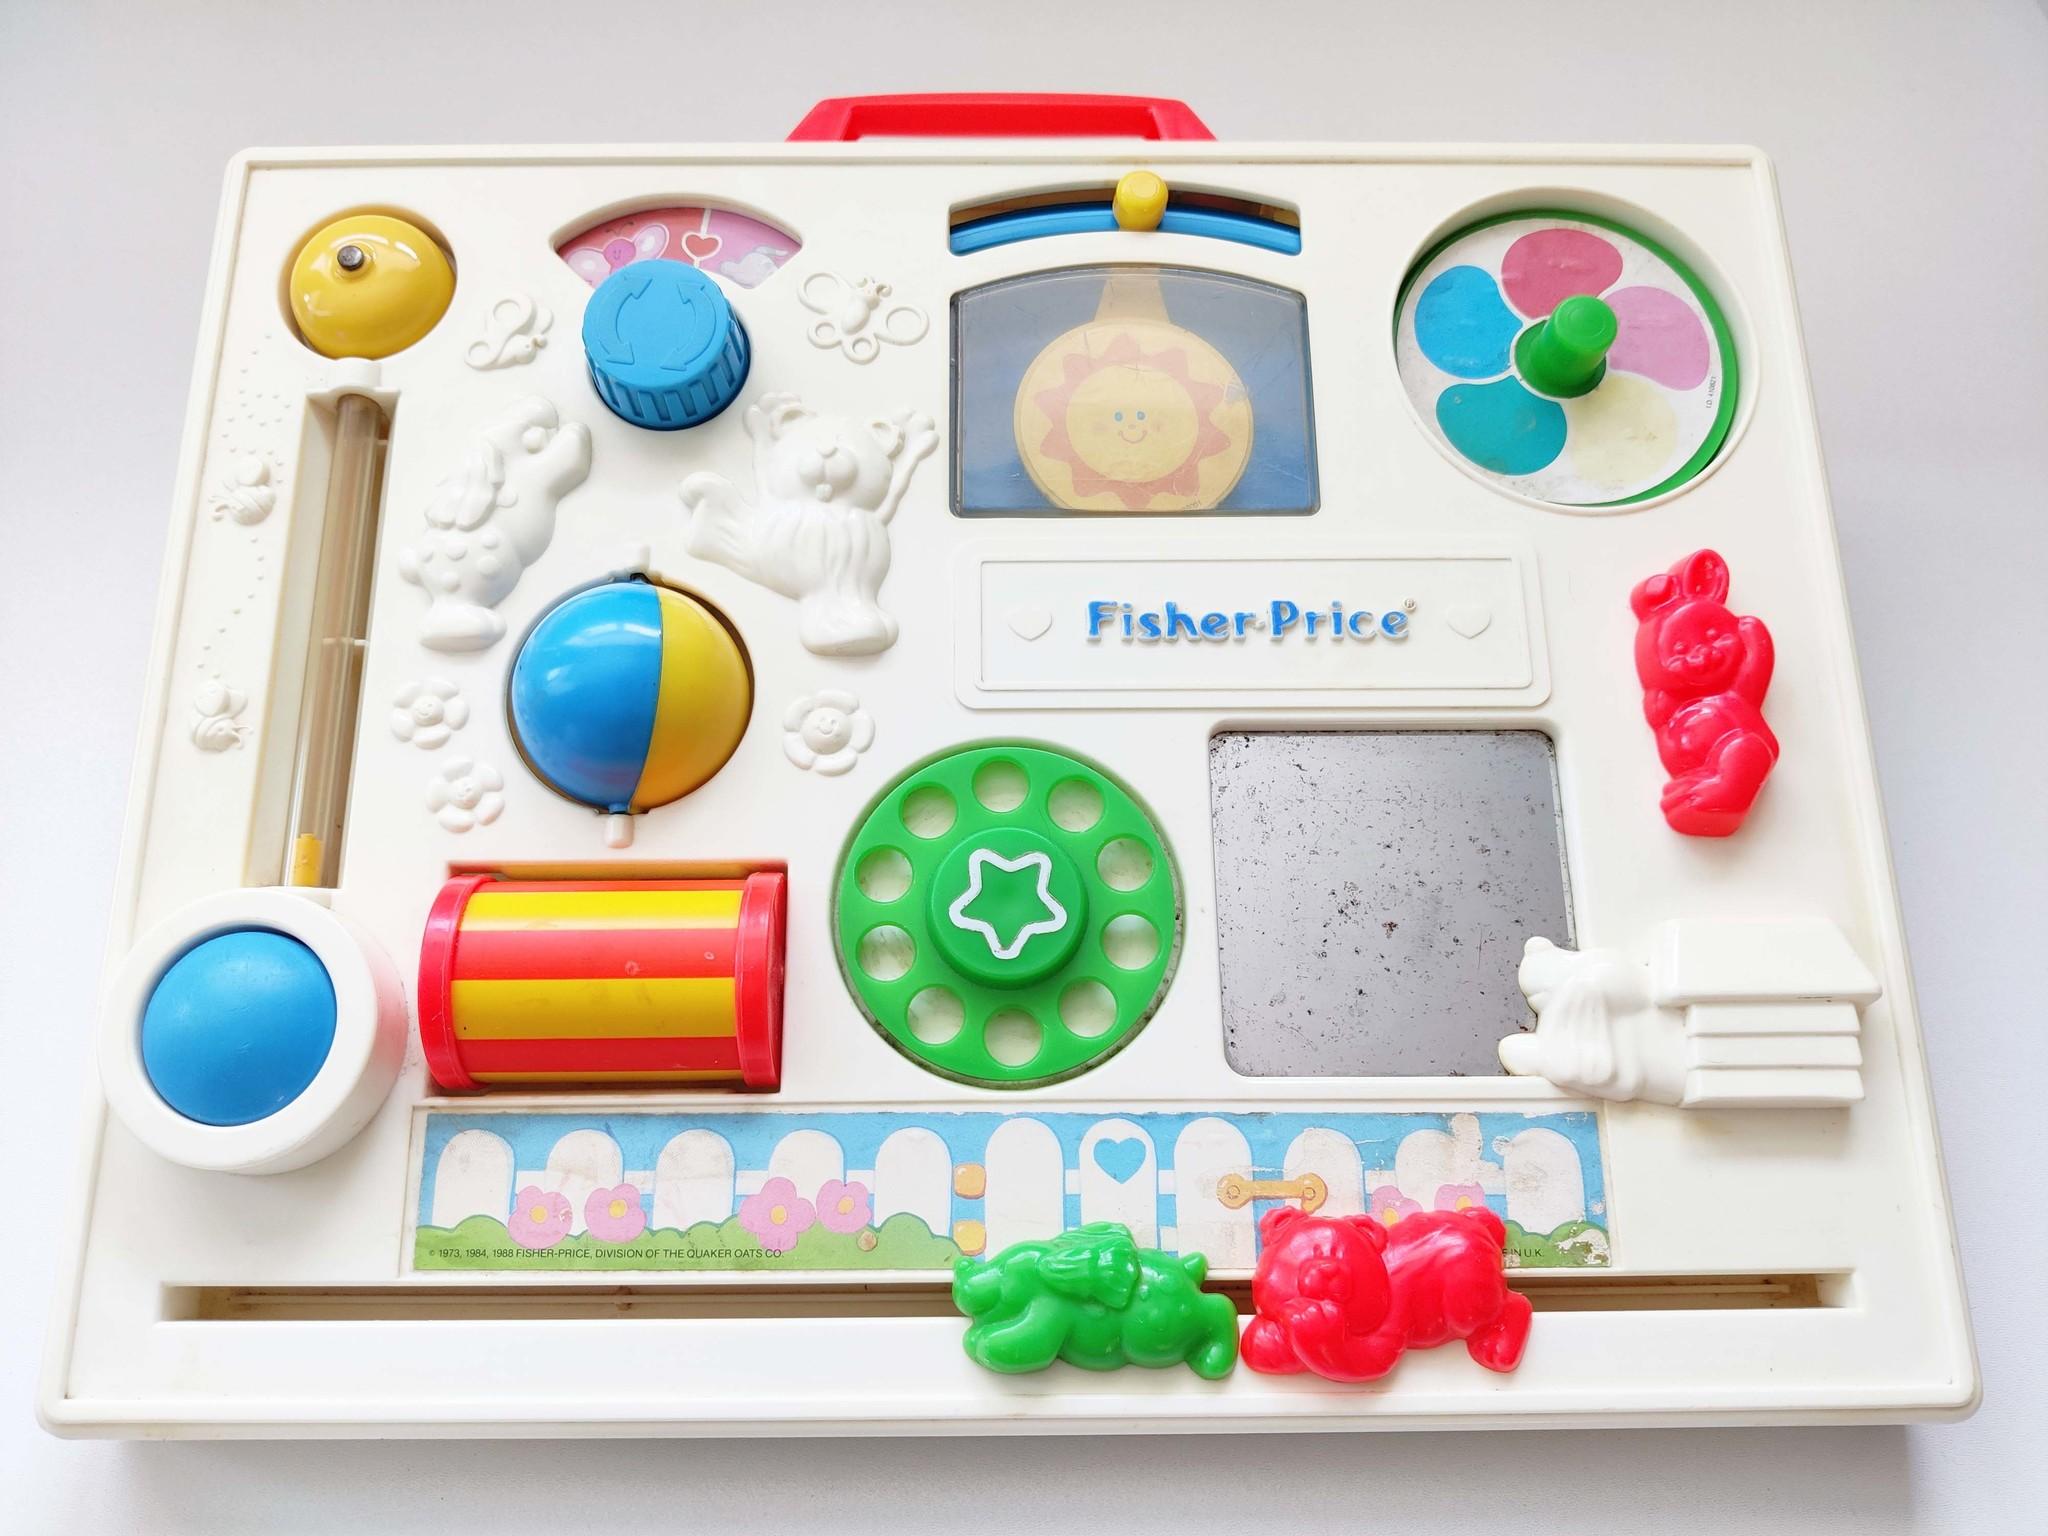 Activiteitenbord Fisher Price-1